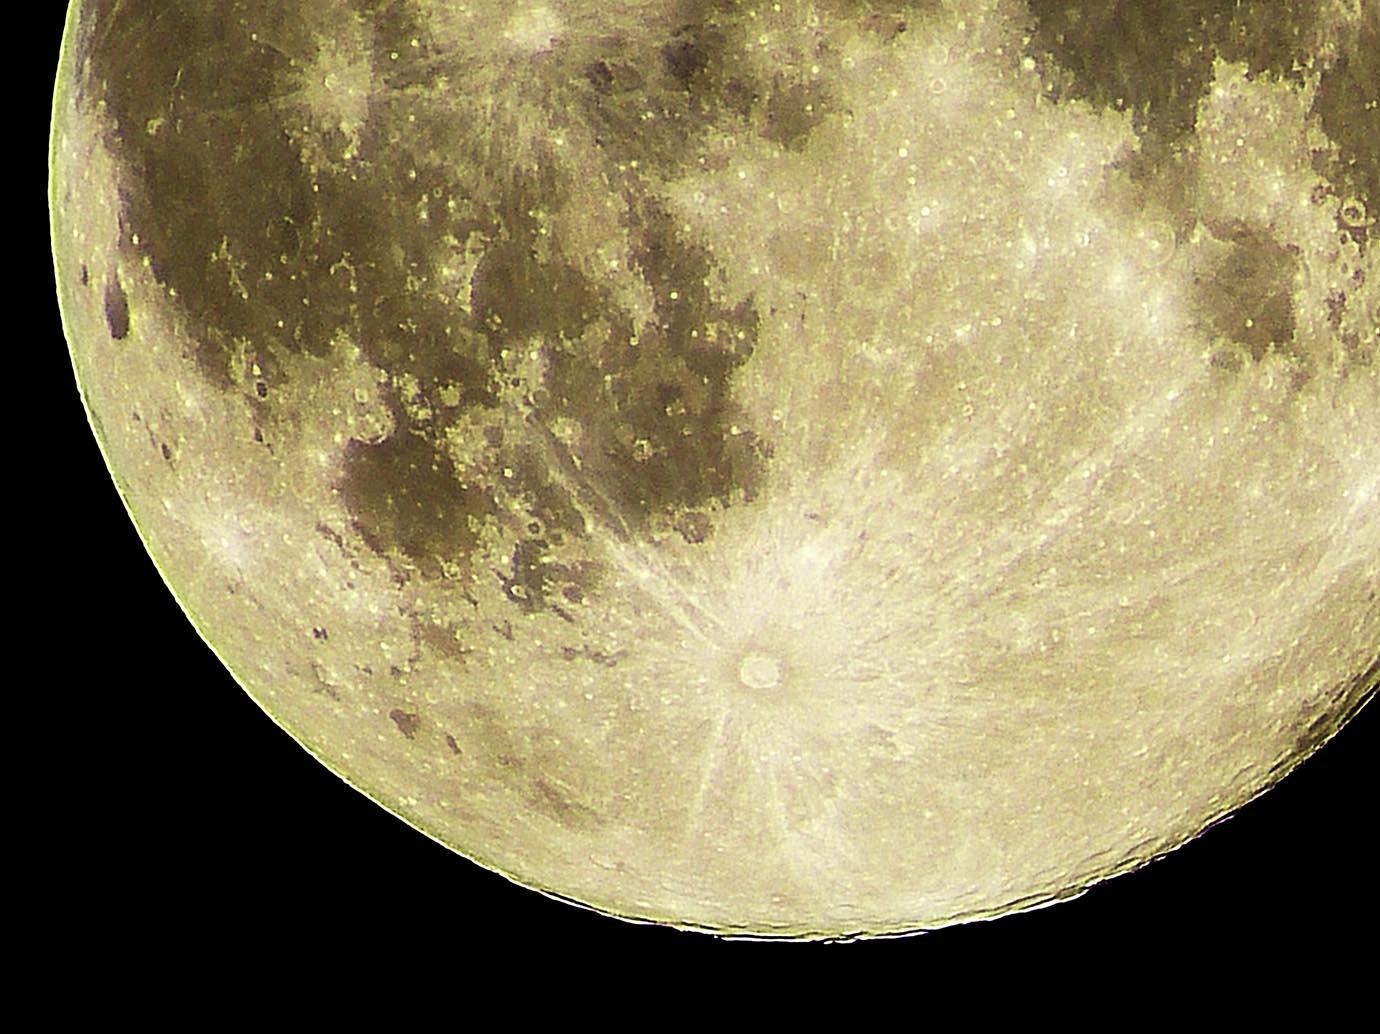 moon-goriki-ayame-zozo